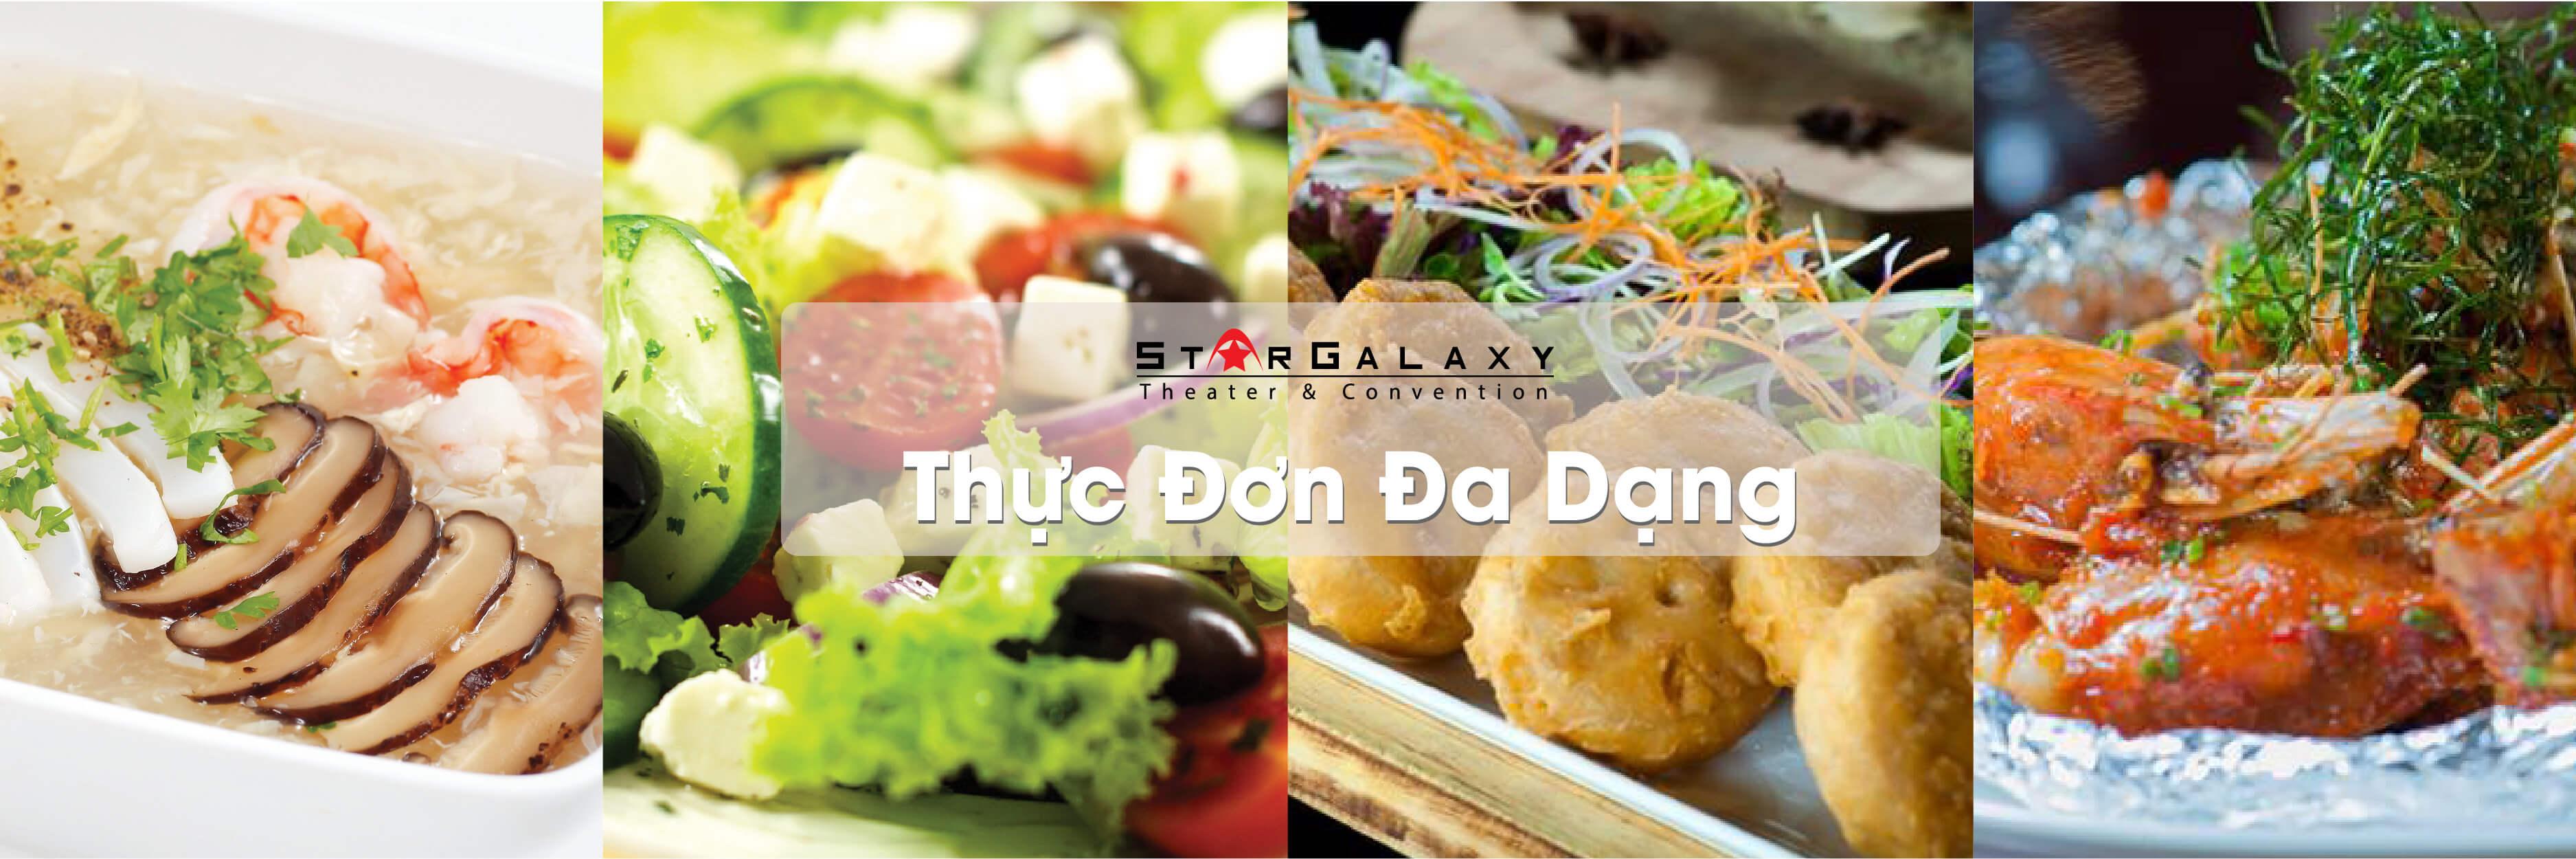 Thực đơn tiệc cưới, Địa điểm tổ chức tiệc cưới. địa điểm tổ chức tiệc cưới tại Hà Nội, Trung tâm tiệc cưới tại Hà Nội, Đặt tiệc cưới tại Hà Nội